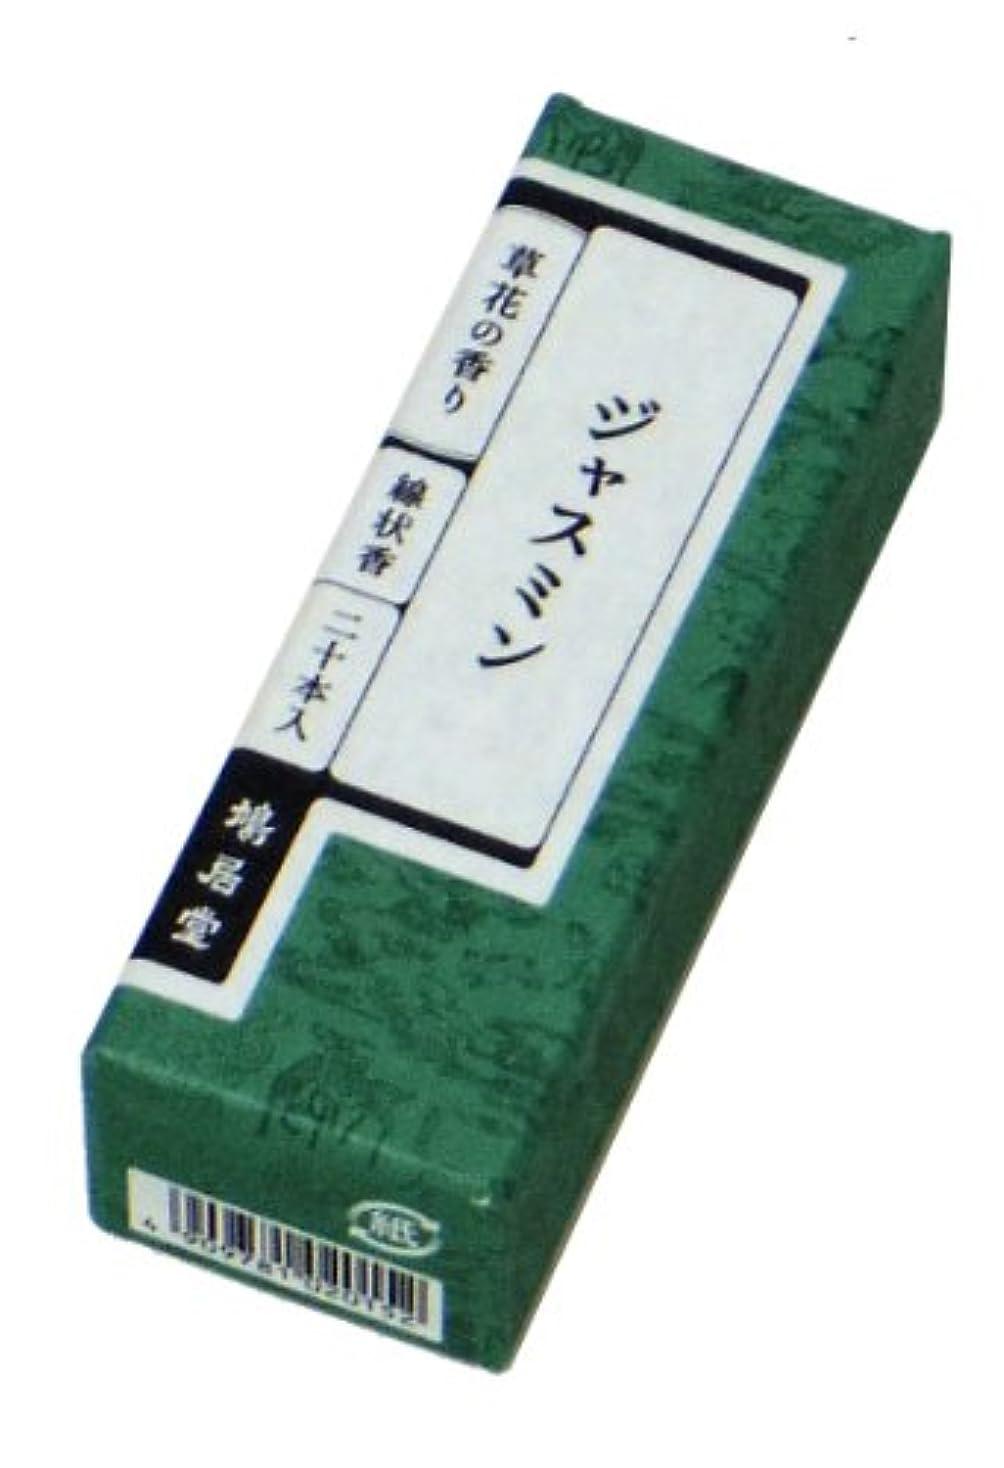 モード学校の先生着服鳩居堂のお香 草花の香り ジャスミン 20本入 6cm